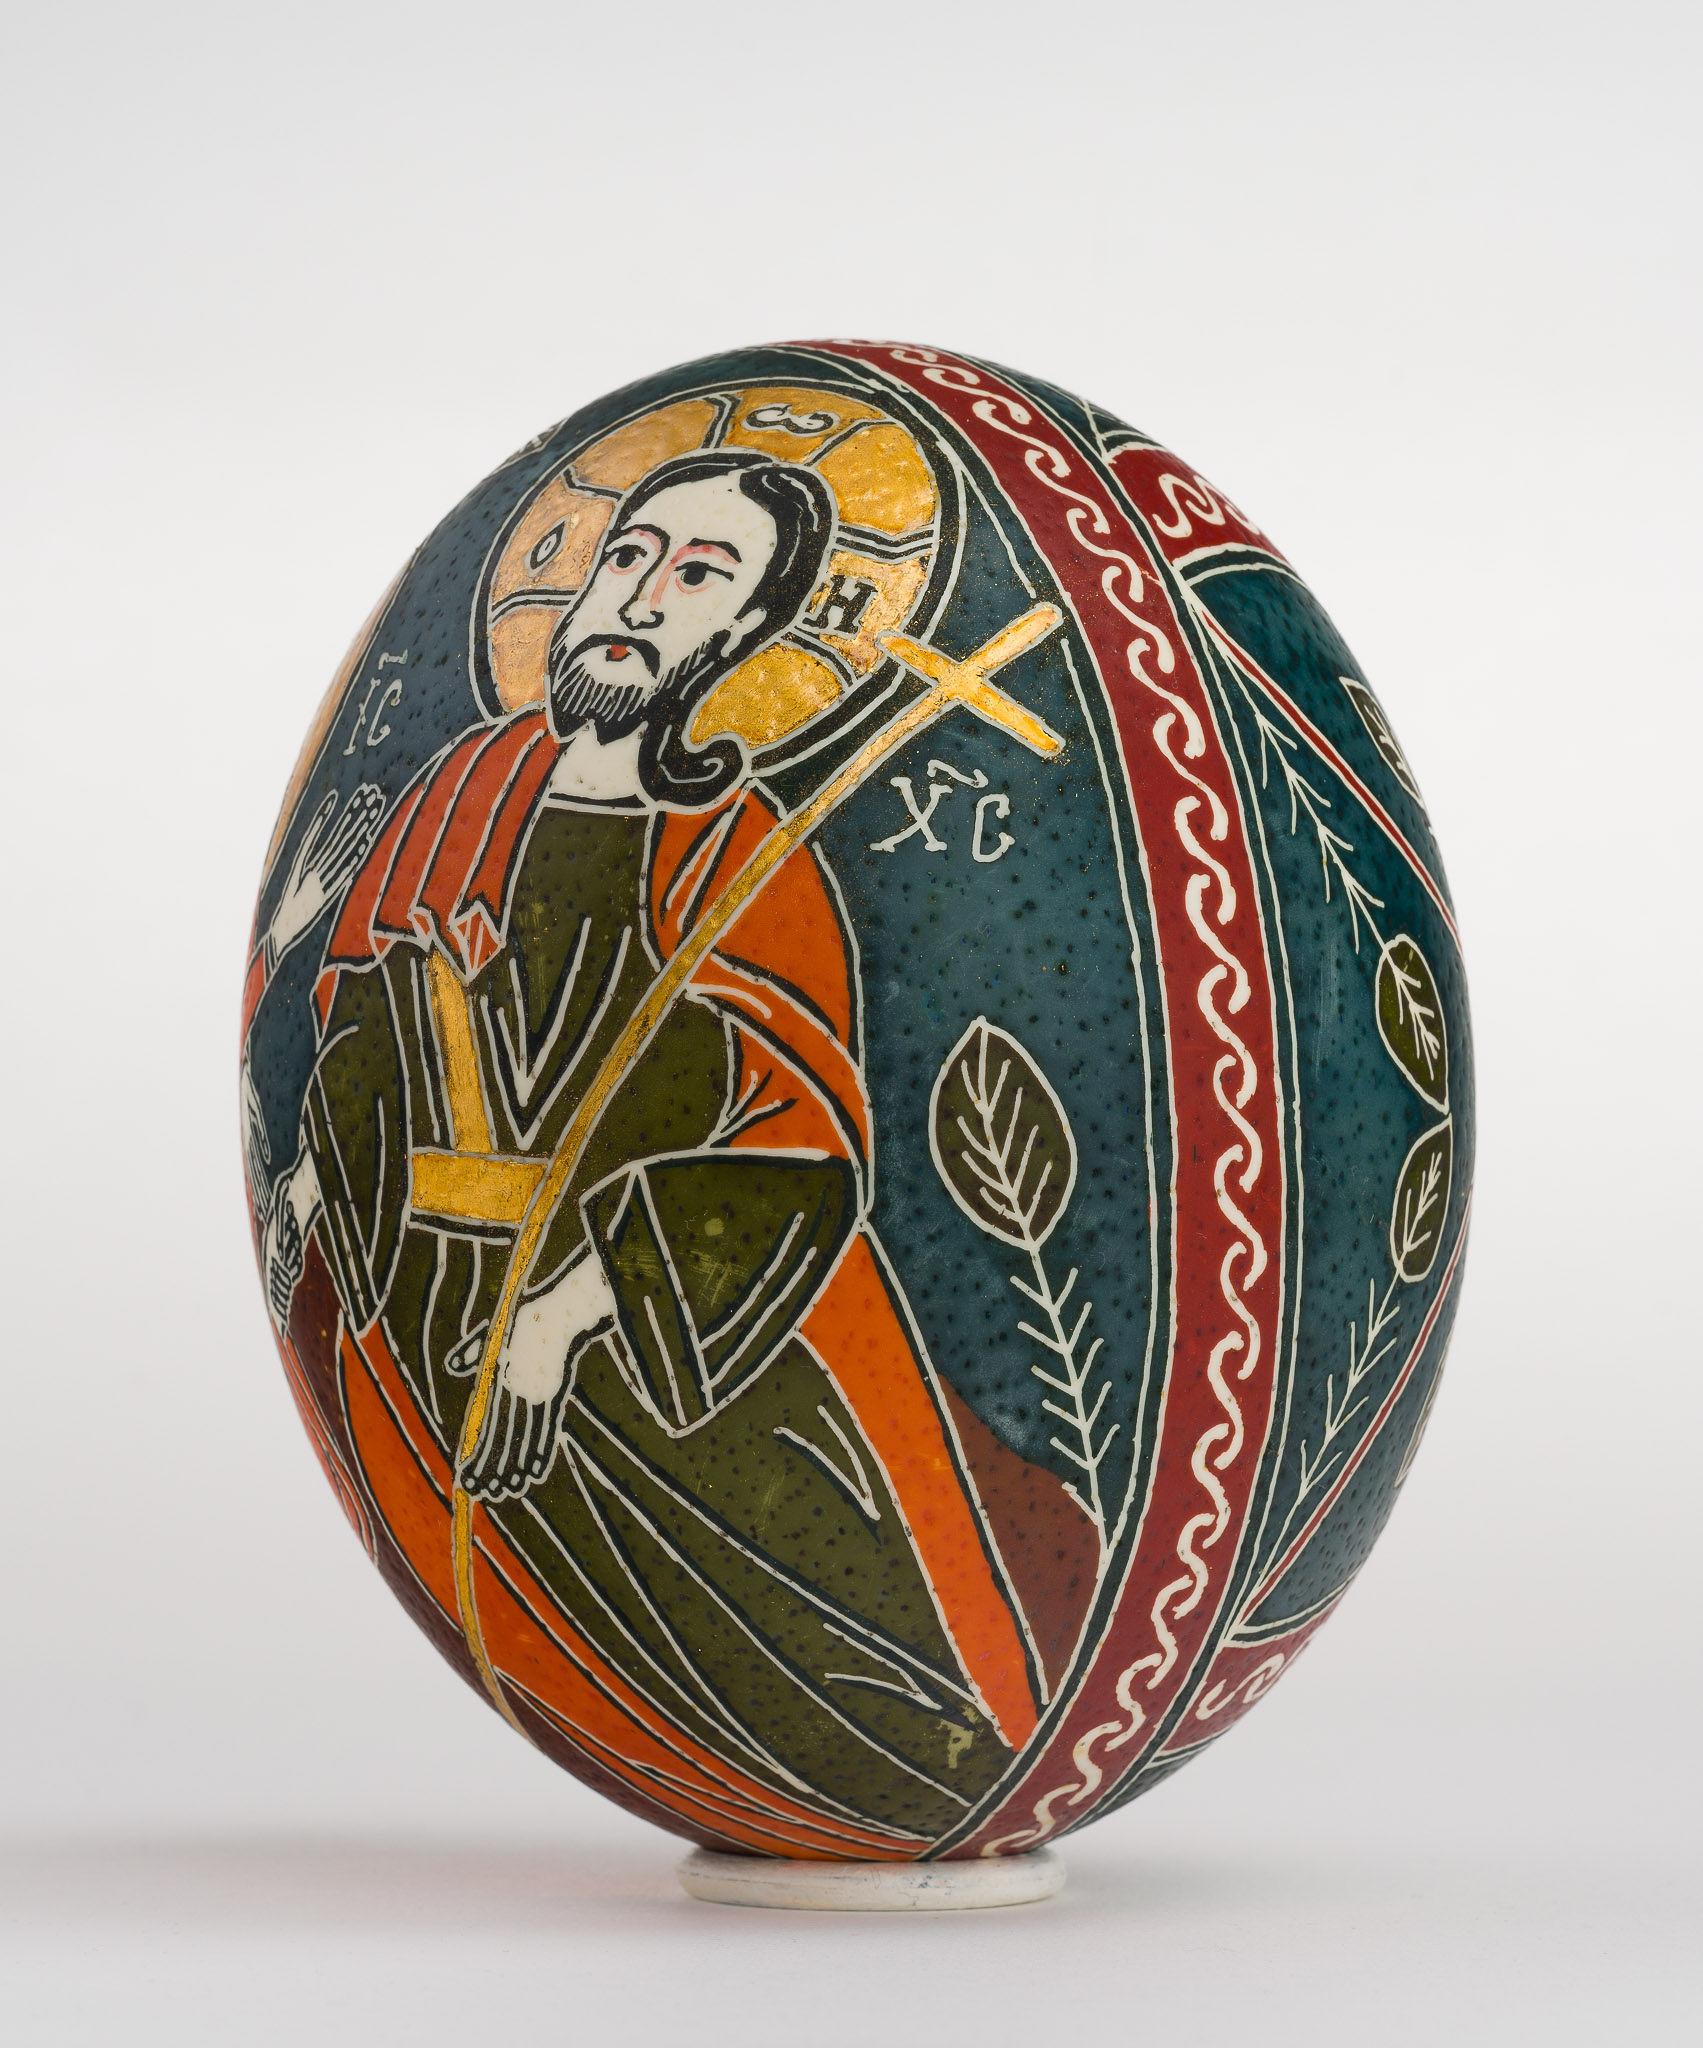 Icoană încondeiată pe ou de struț - Învierea Domnului. Sfintele Paști - maryando-119a.jpg